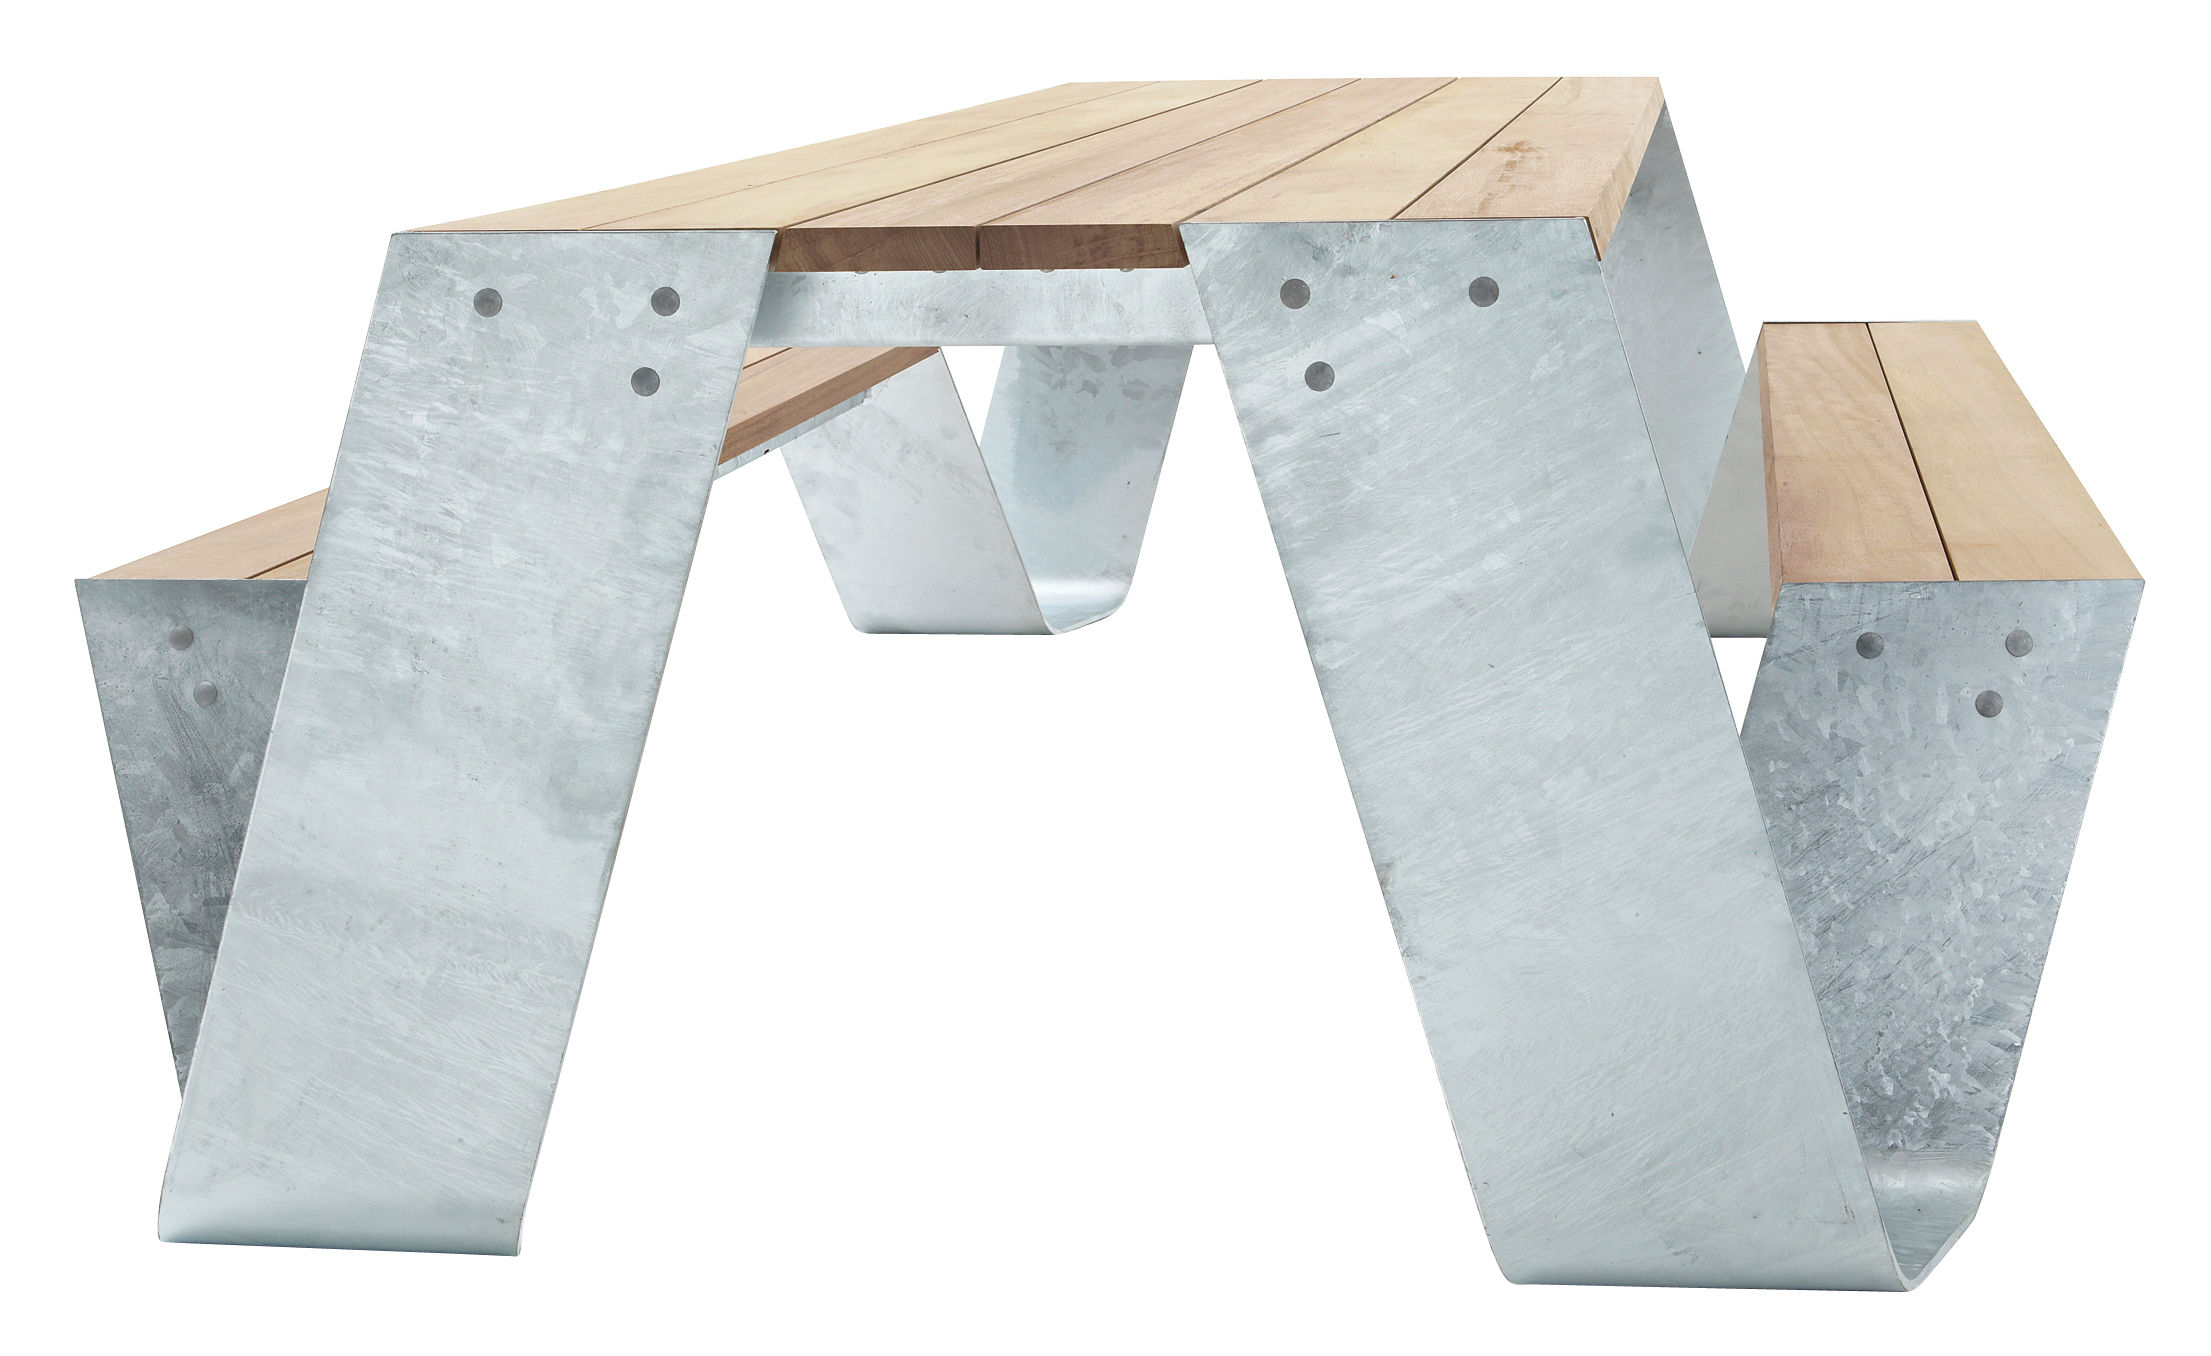 Outdoor - Tische - Hopper Tisch und Sitzgarnitur - Extremis - Acier galvanisé / Bois - Frêne traité, galvanisierter Stahl